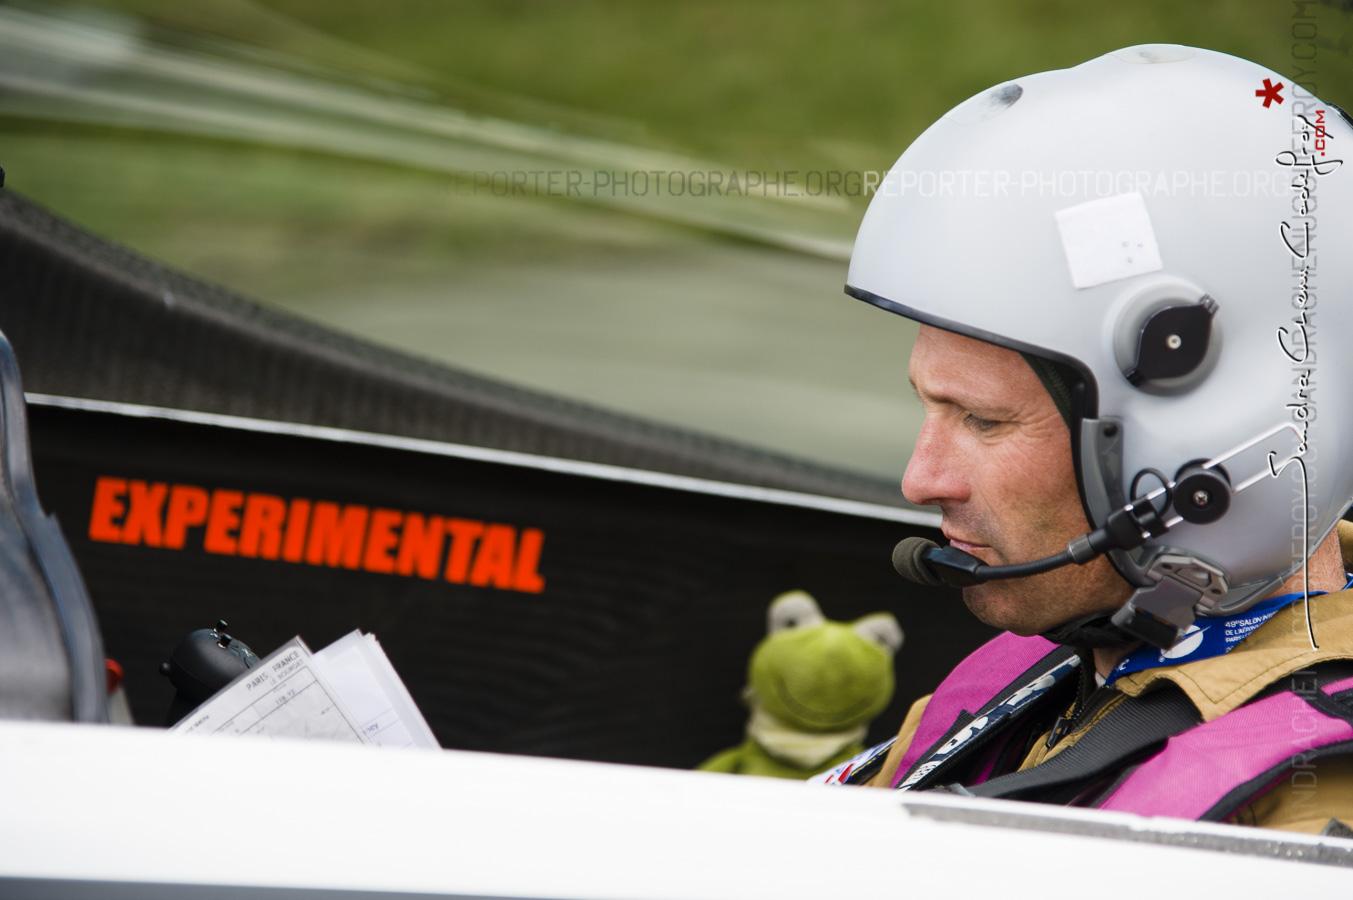 Bobos, Pilote du Big Frog avant son décollage au Salon du Bourget [Ref: 3511-09-1041]